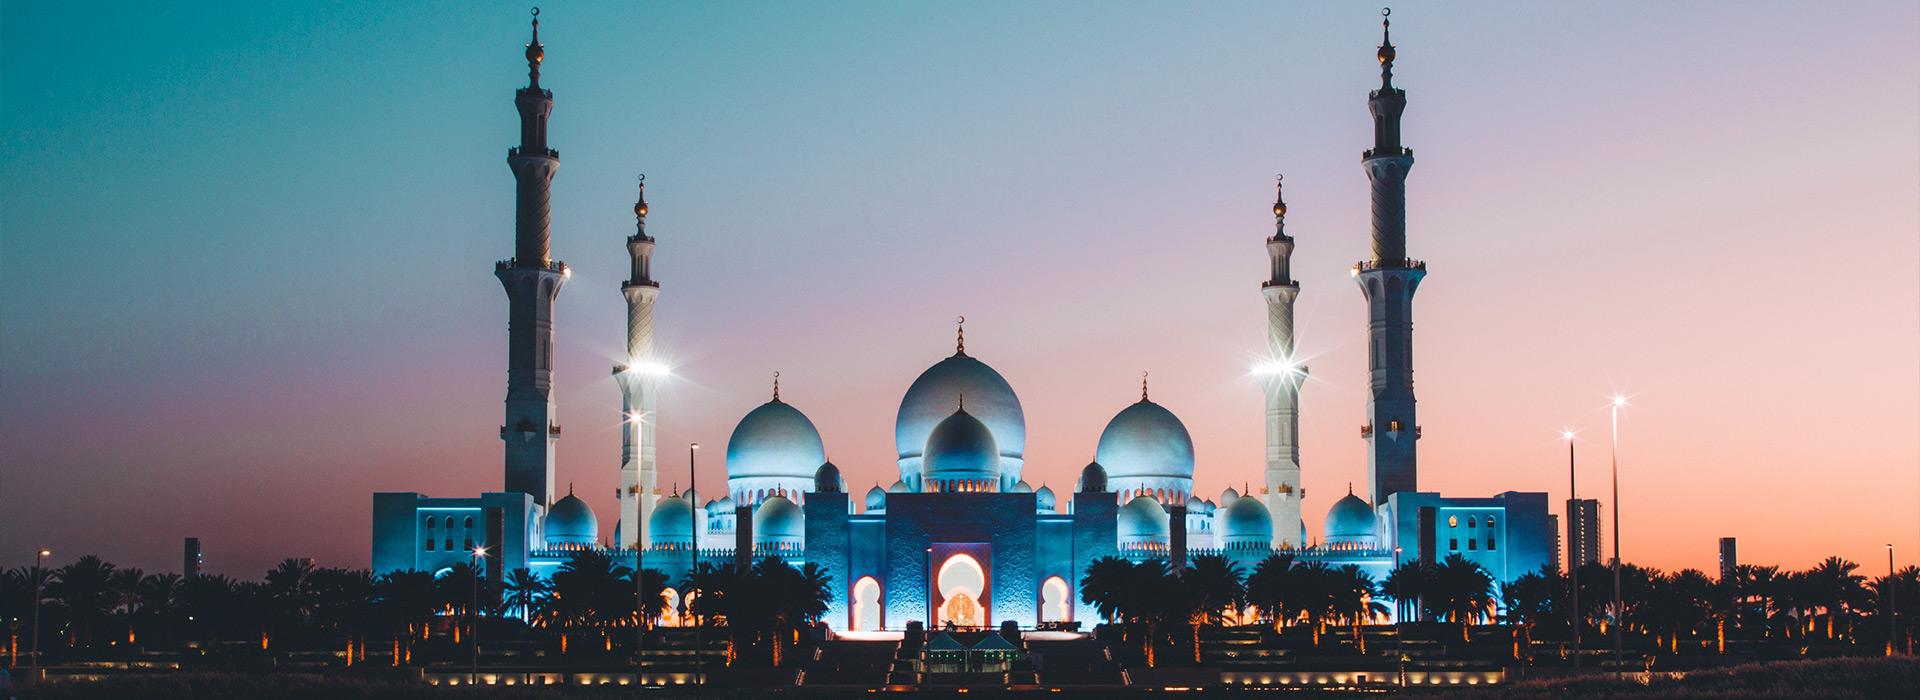 Reisen nach Vereinigte Arabische Emirate - Individuelle Reisen nach Vereinigte Arabische Emirate - Harry Kolb AG - Tourismus